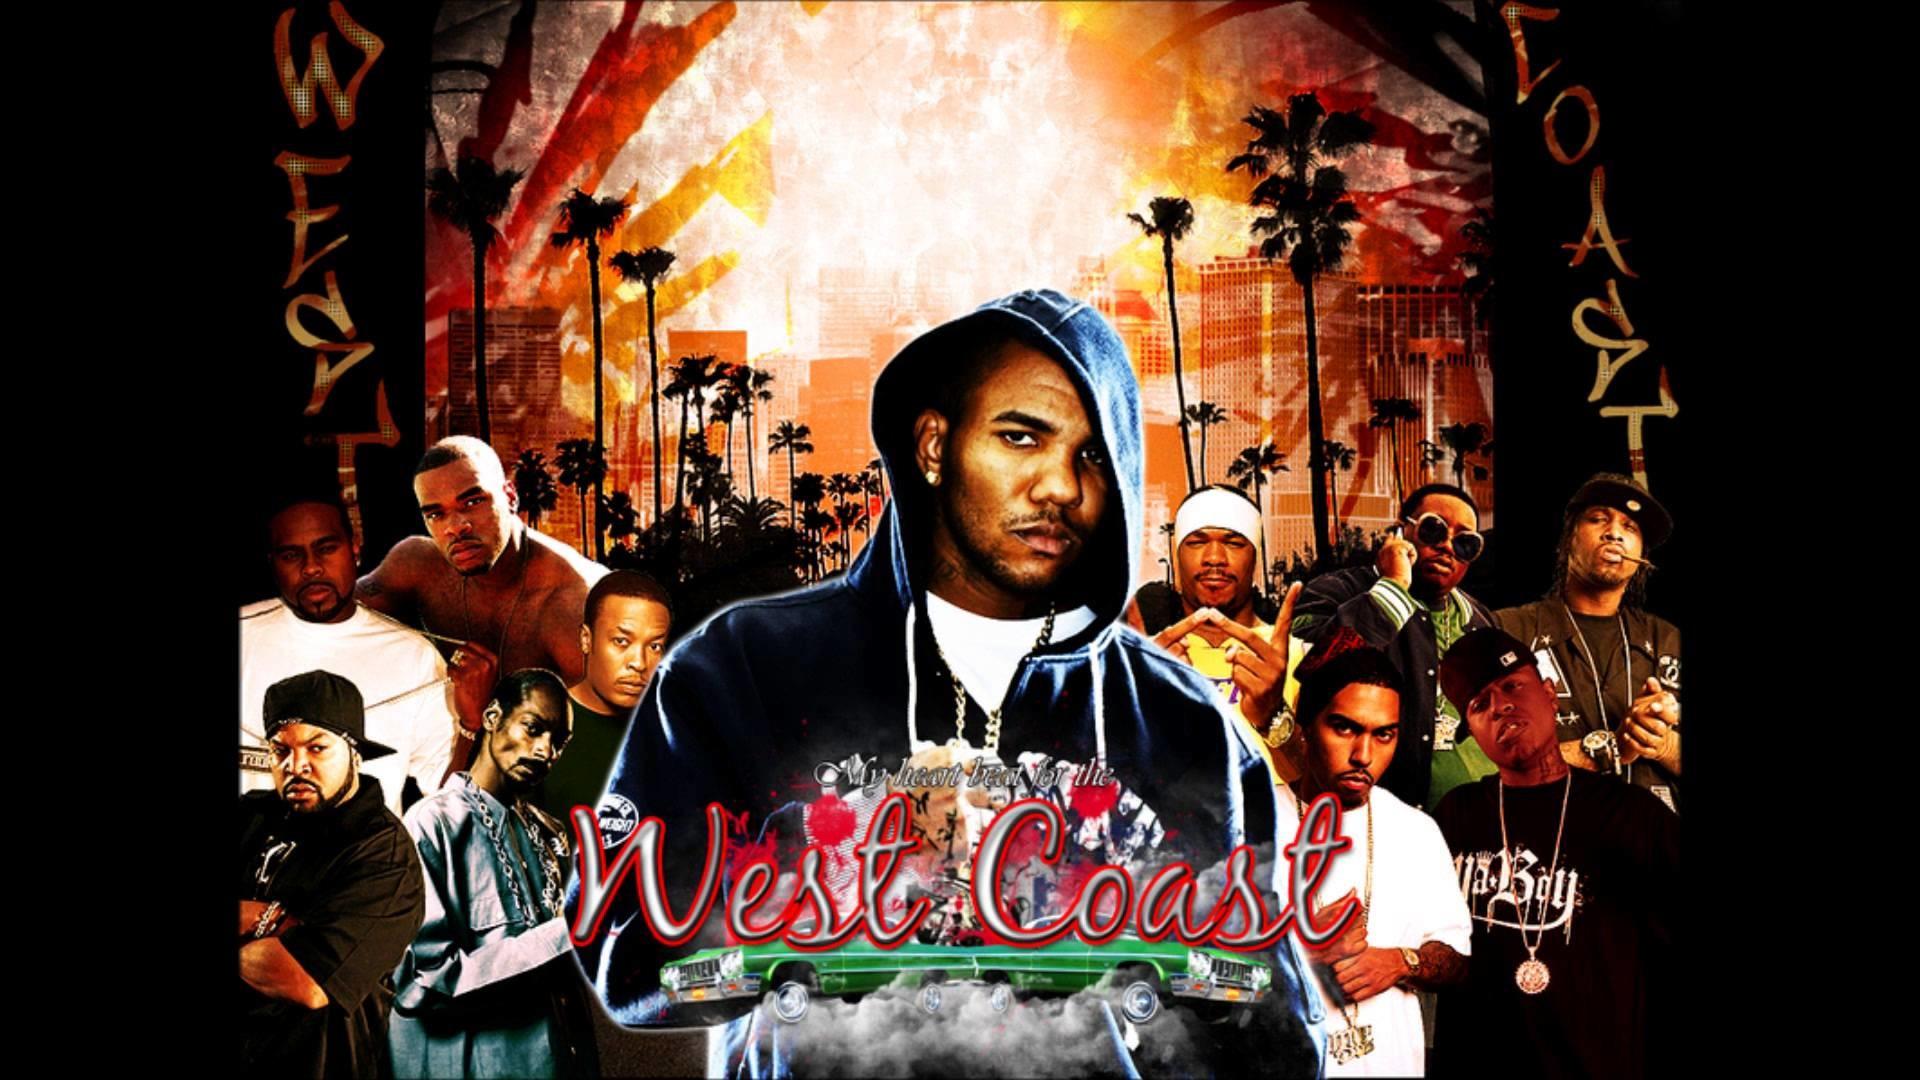 Res: 1920x1080, West Coast Hip Hop Wallpaper, View: 233391137 West Coast Hip Hop Wallpaper,  ModaF